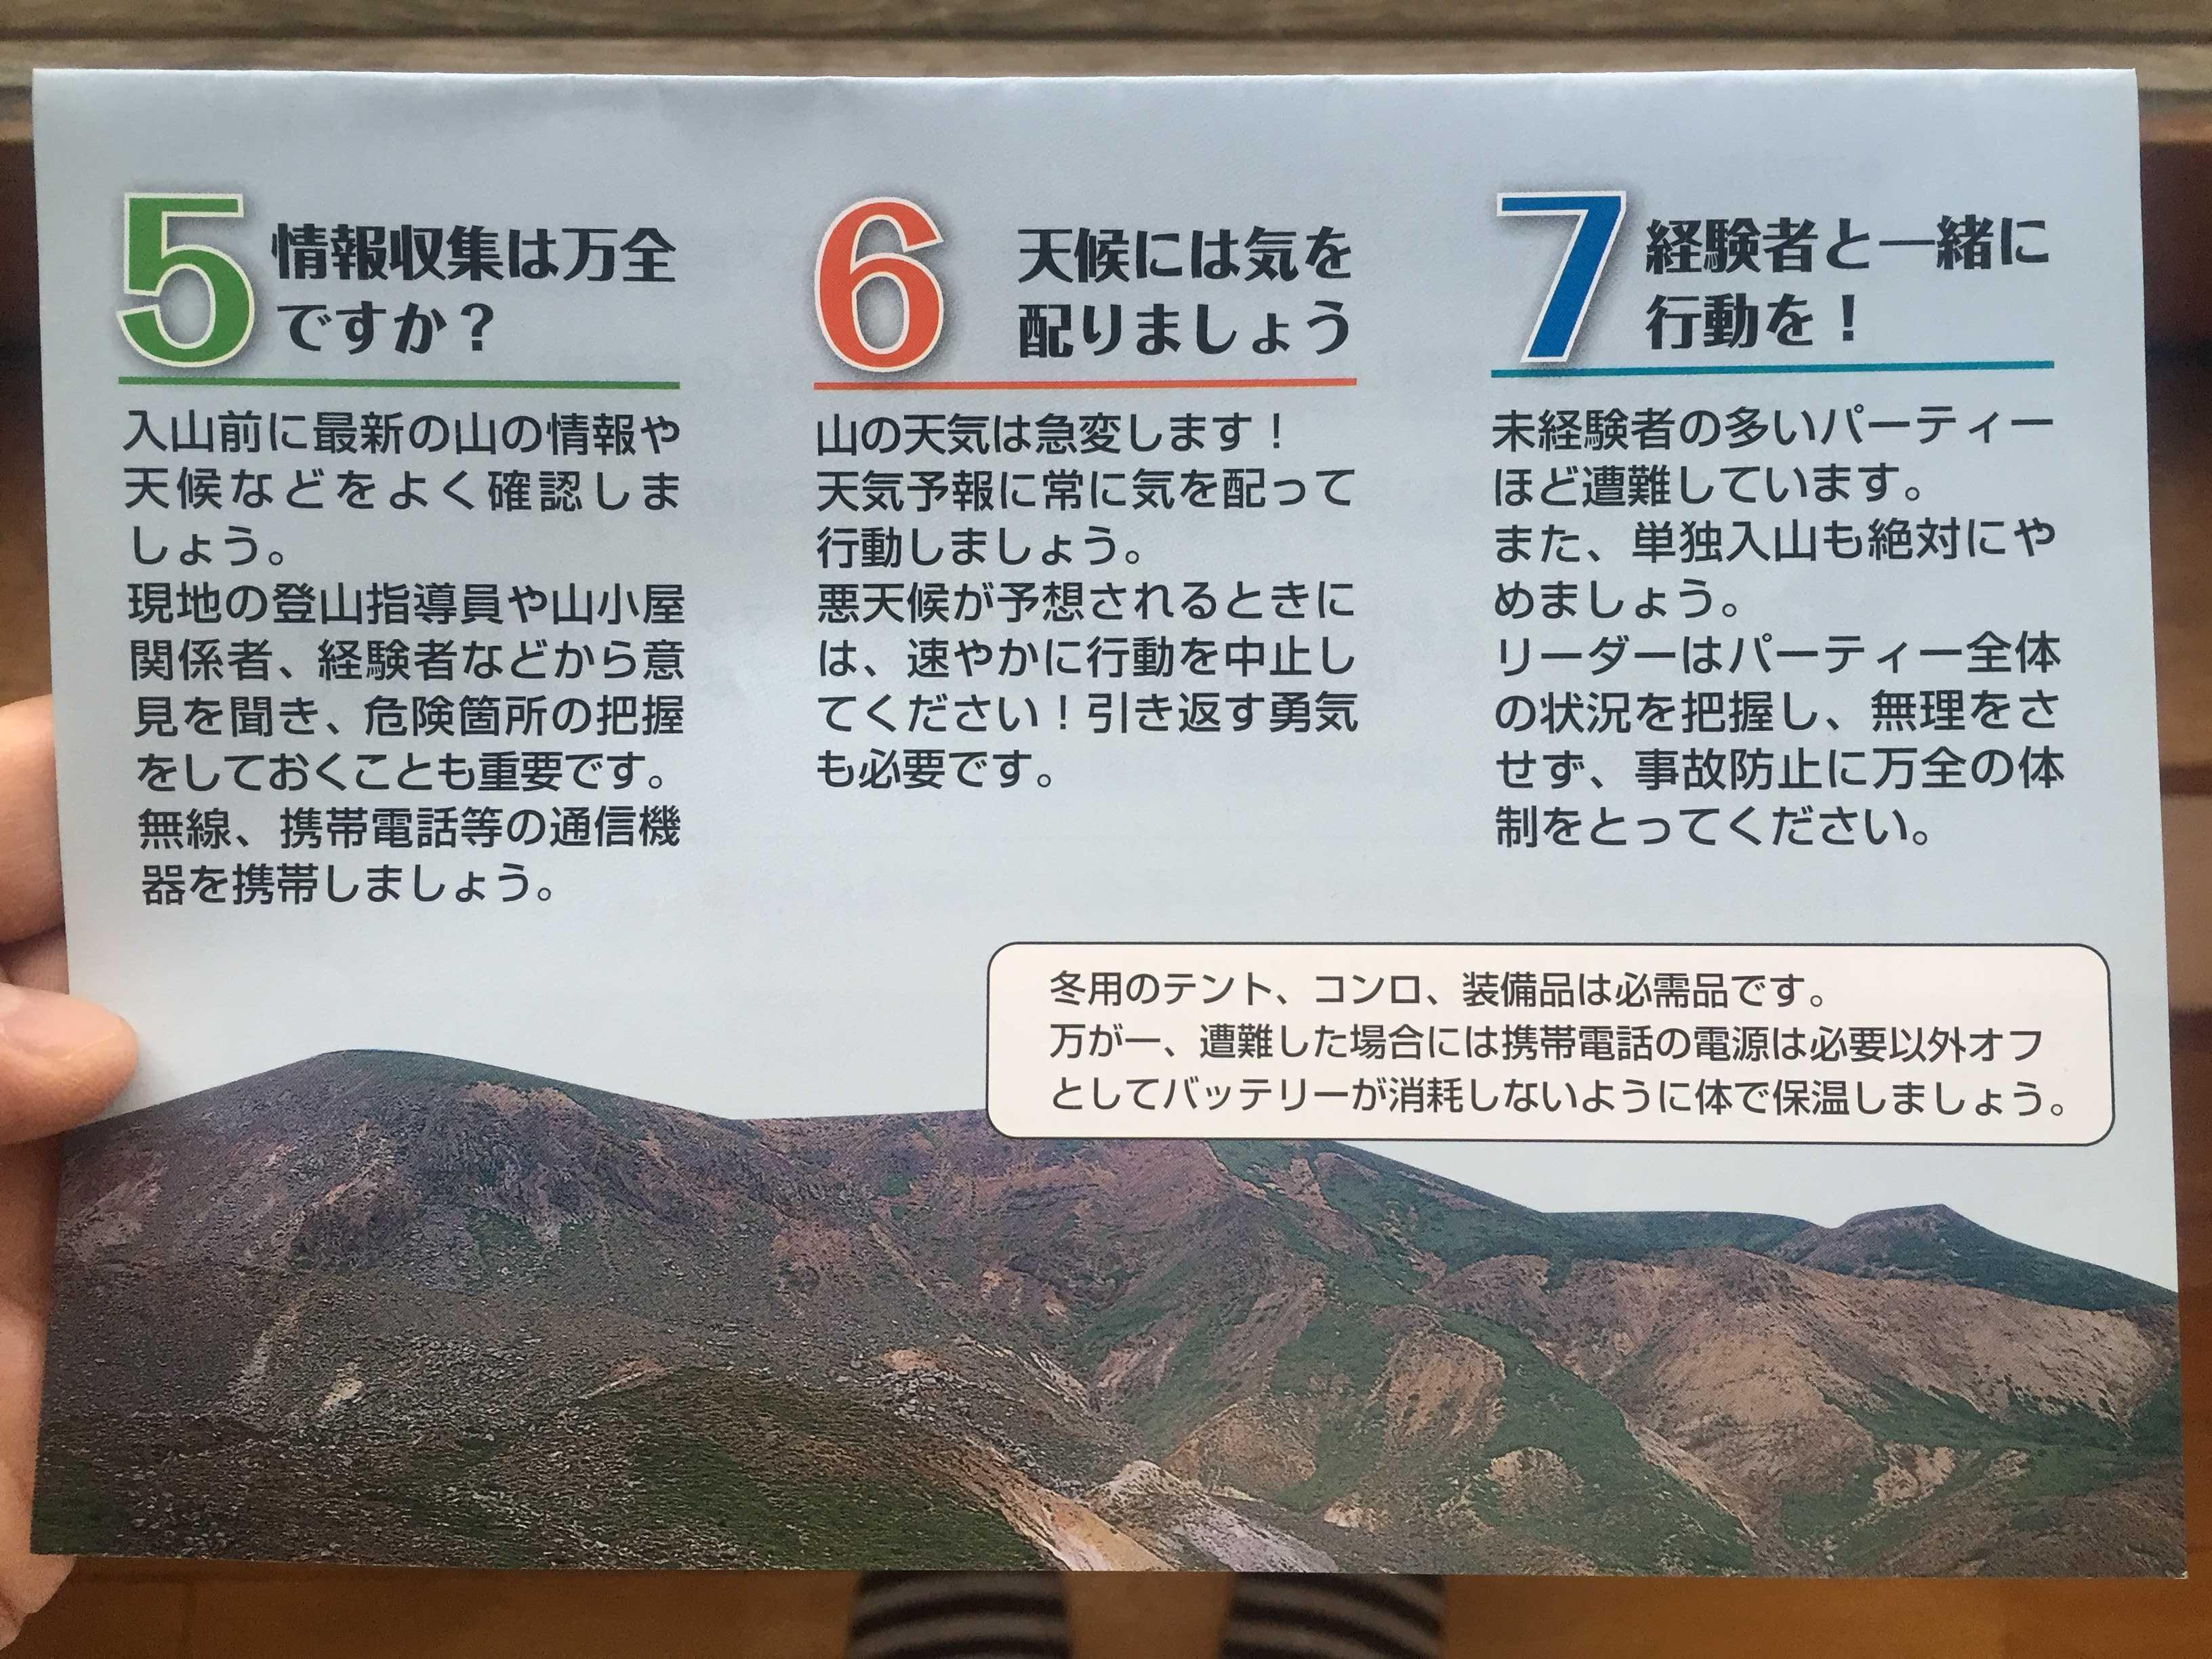 福島登山の 7つの心得